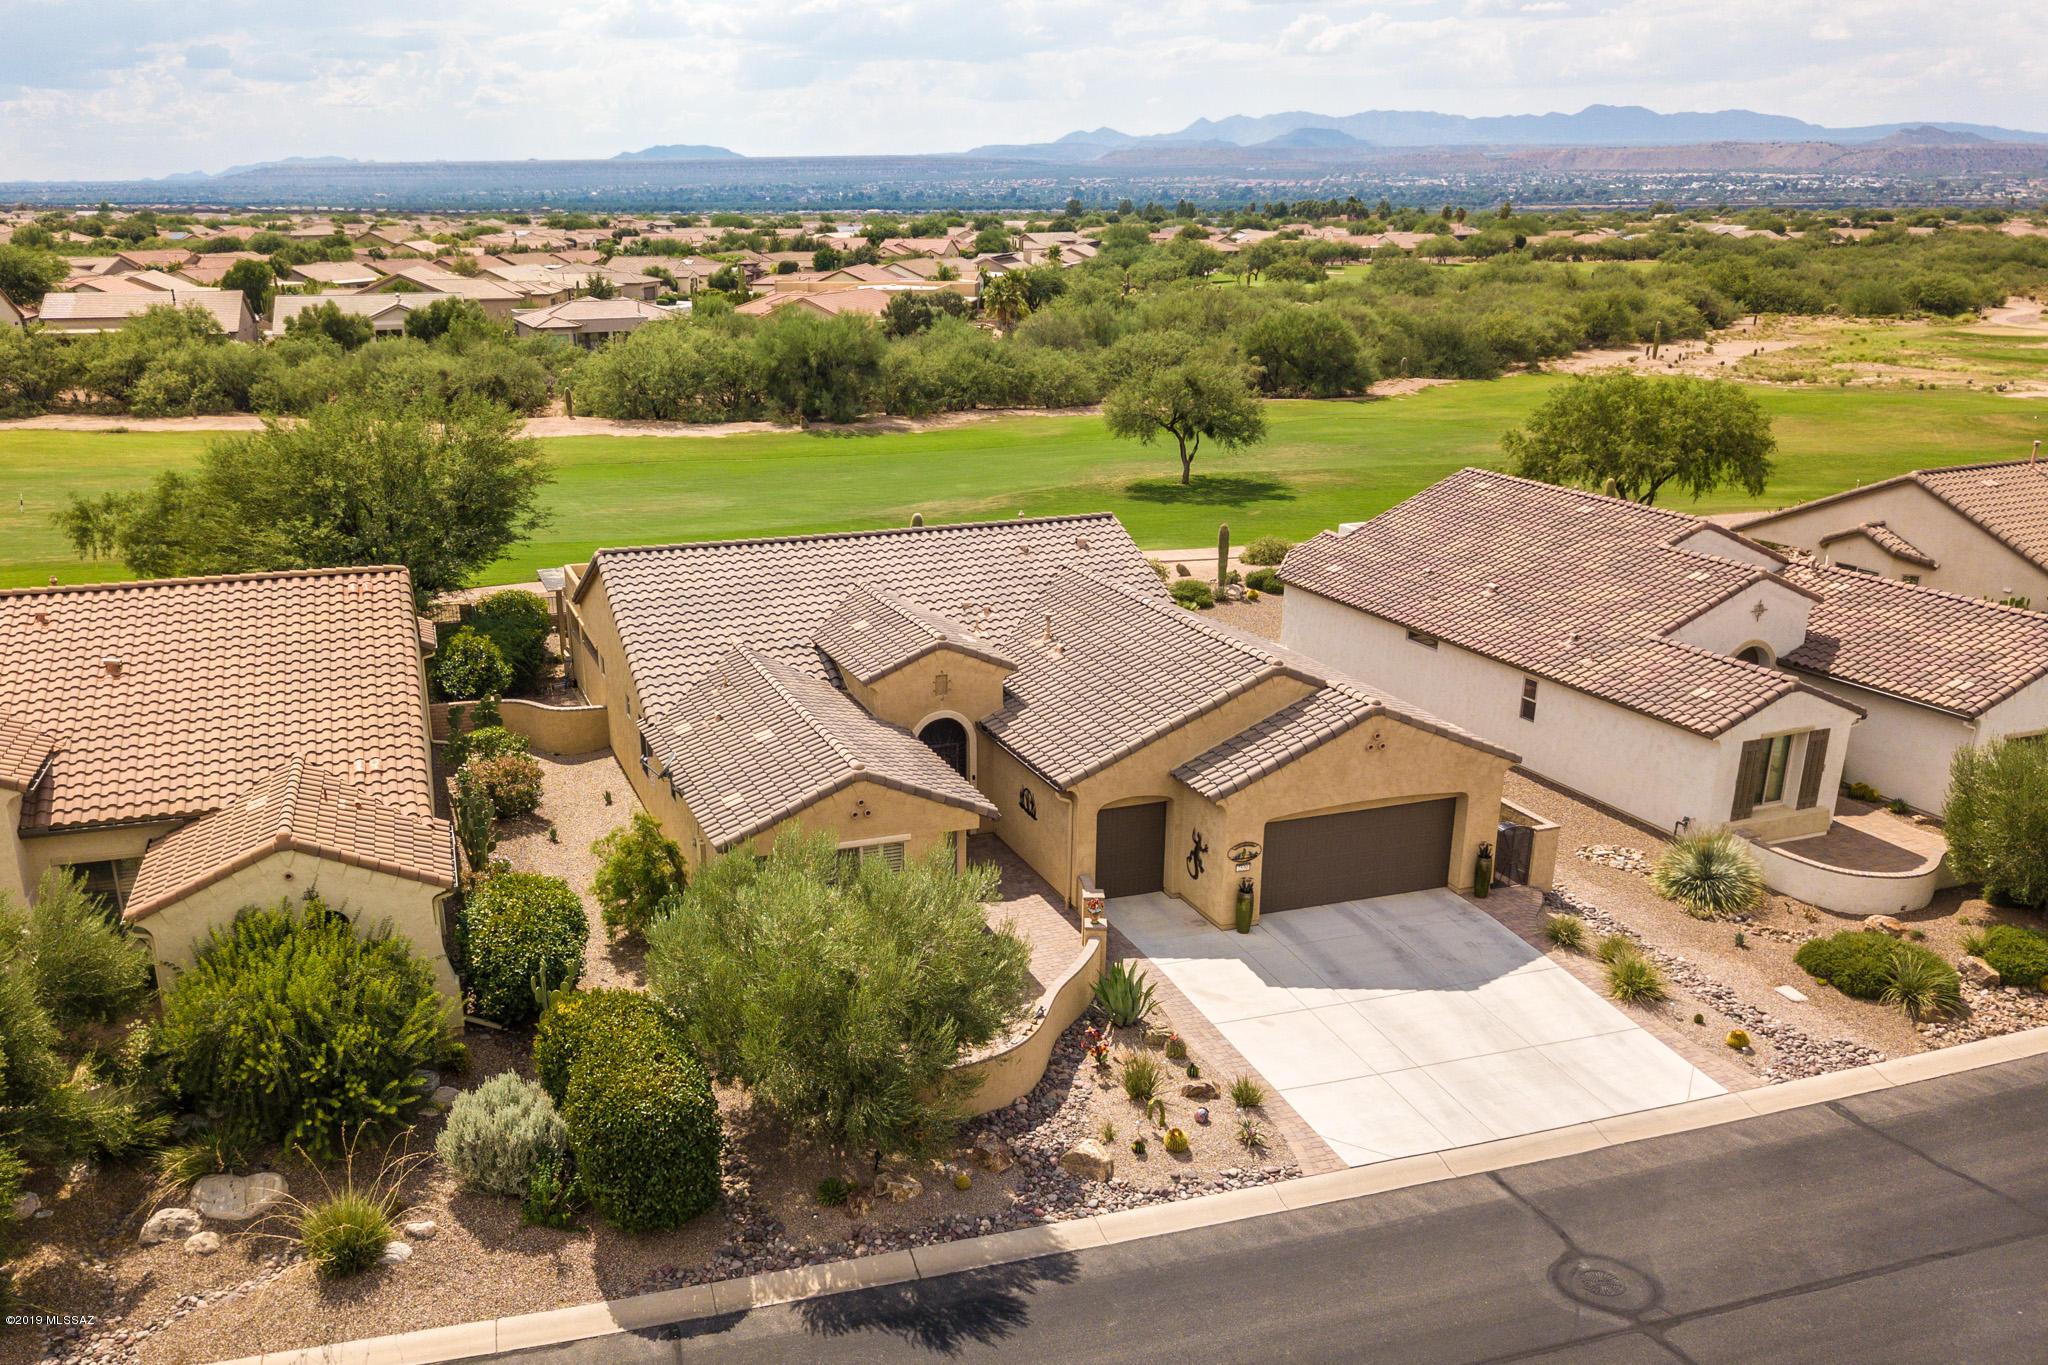 Photo of 2550 E Glen Canyon Road, Green Valley, AZ 85614